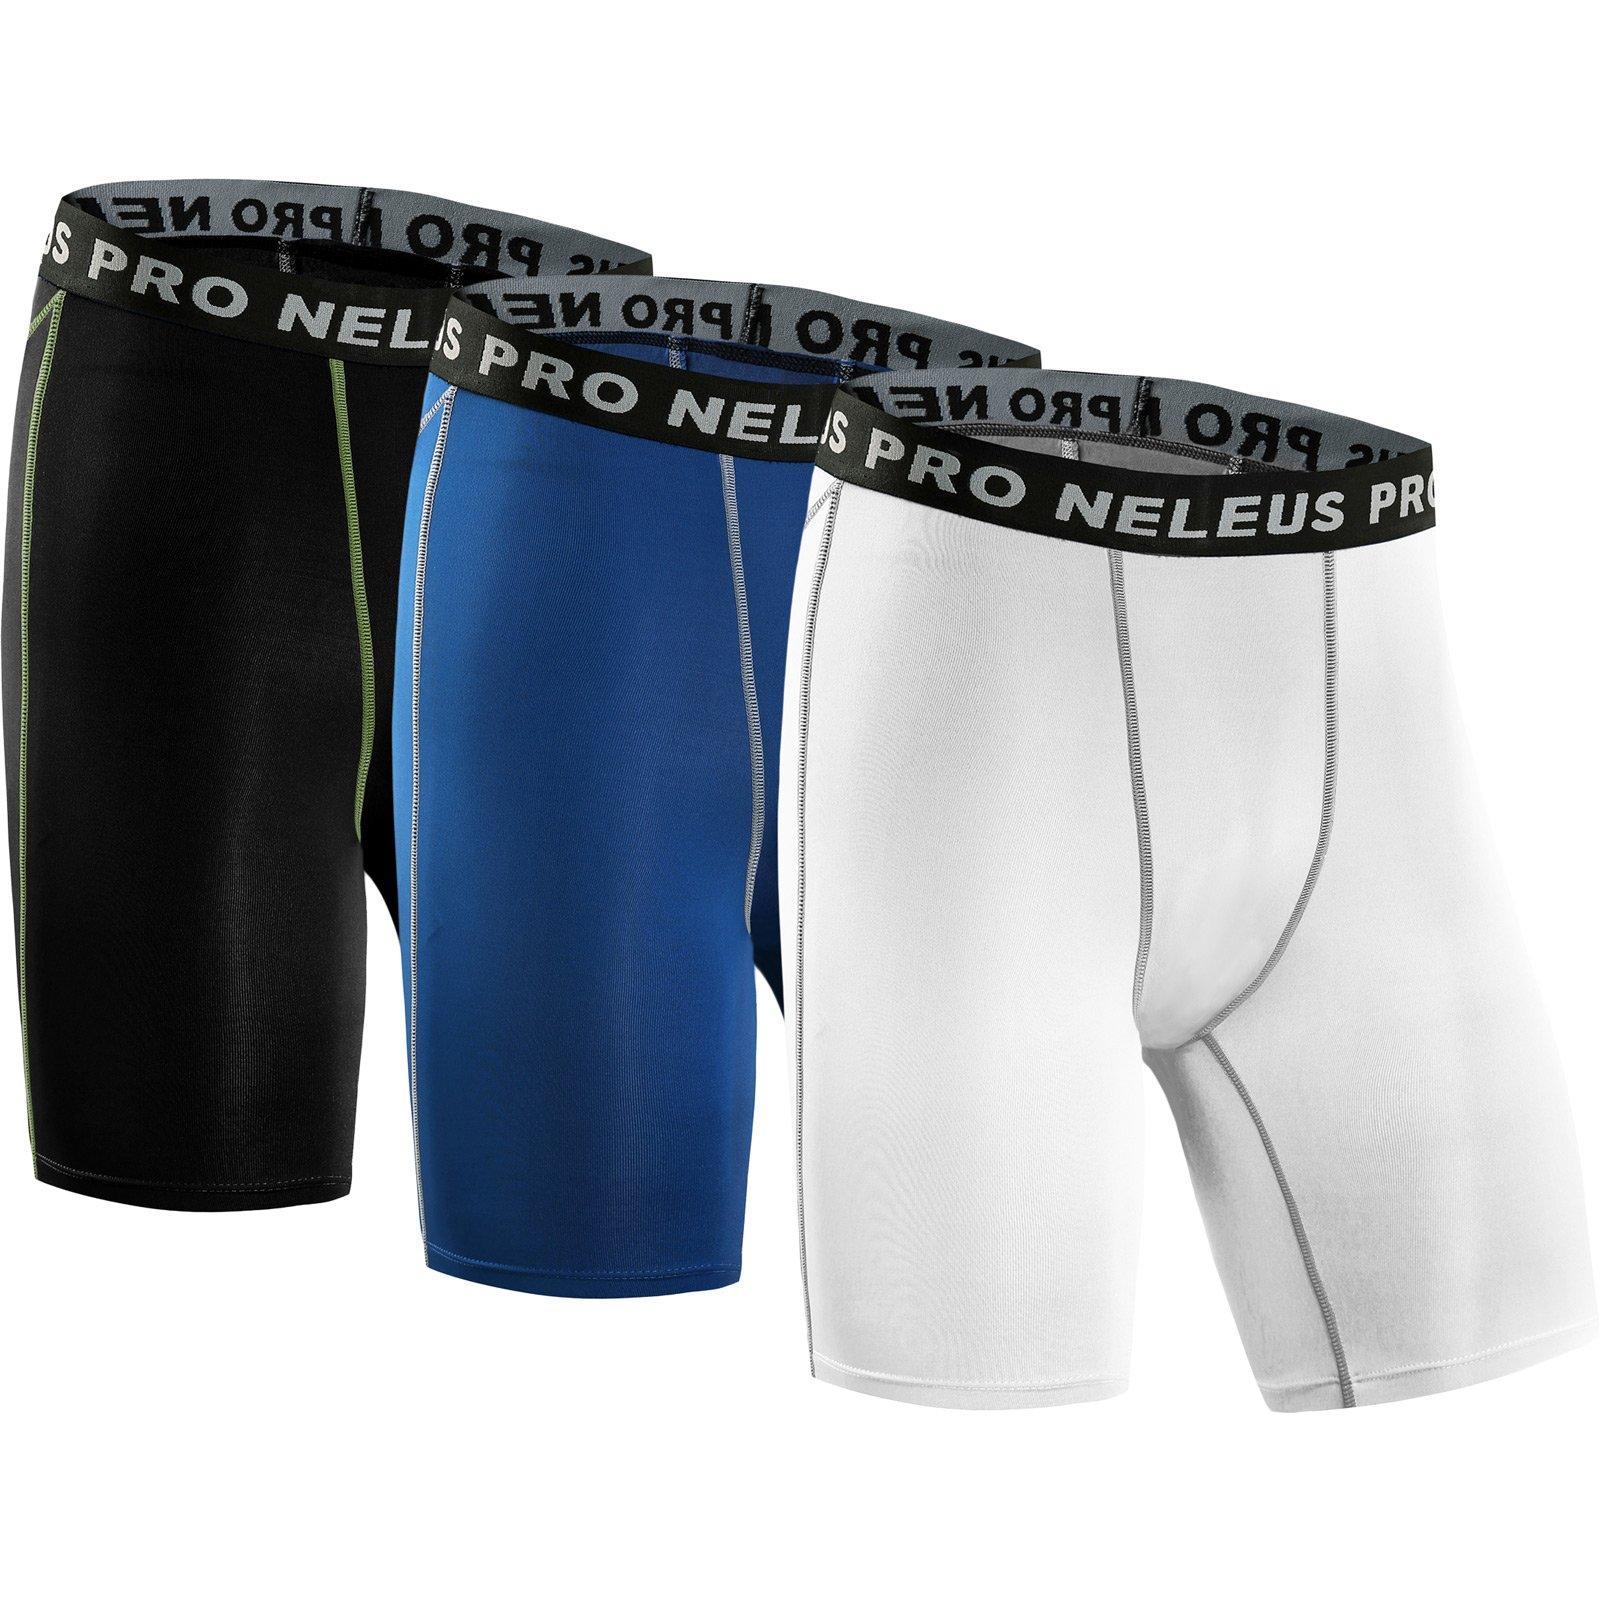 Neleus Men's 3 Pack Compression Short,047,Black,Blue,White,US S,EU M by Neleus